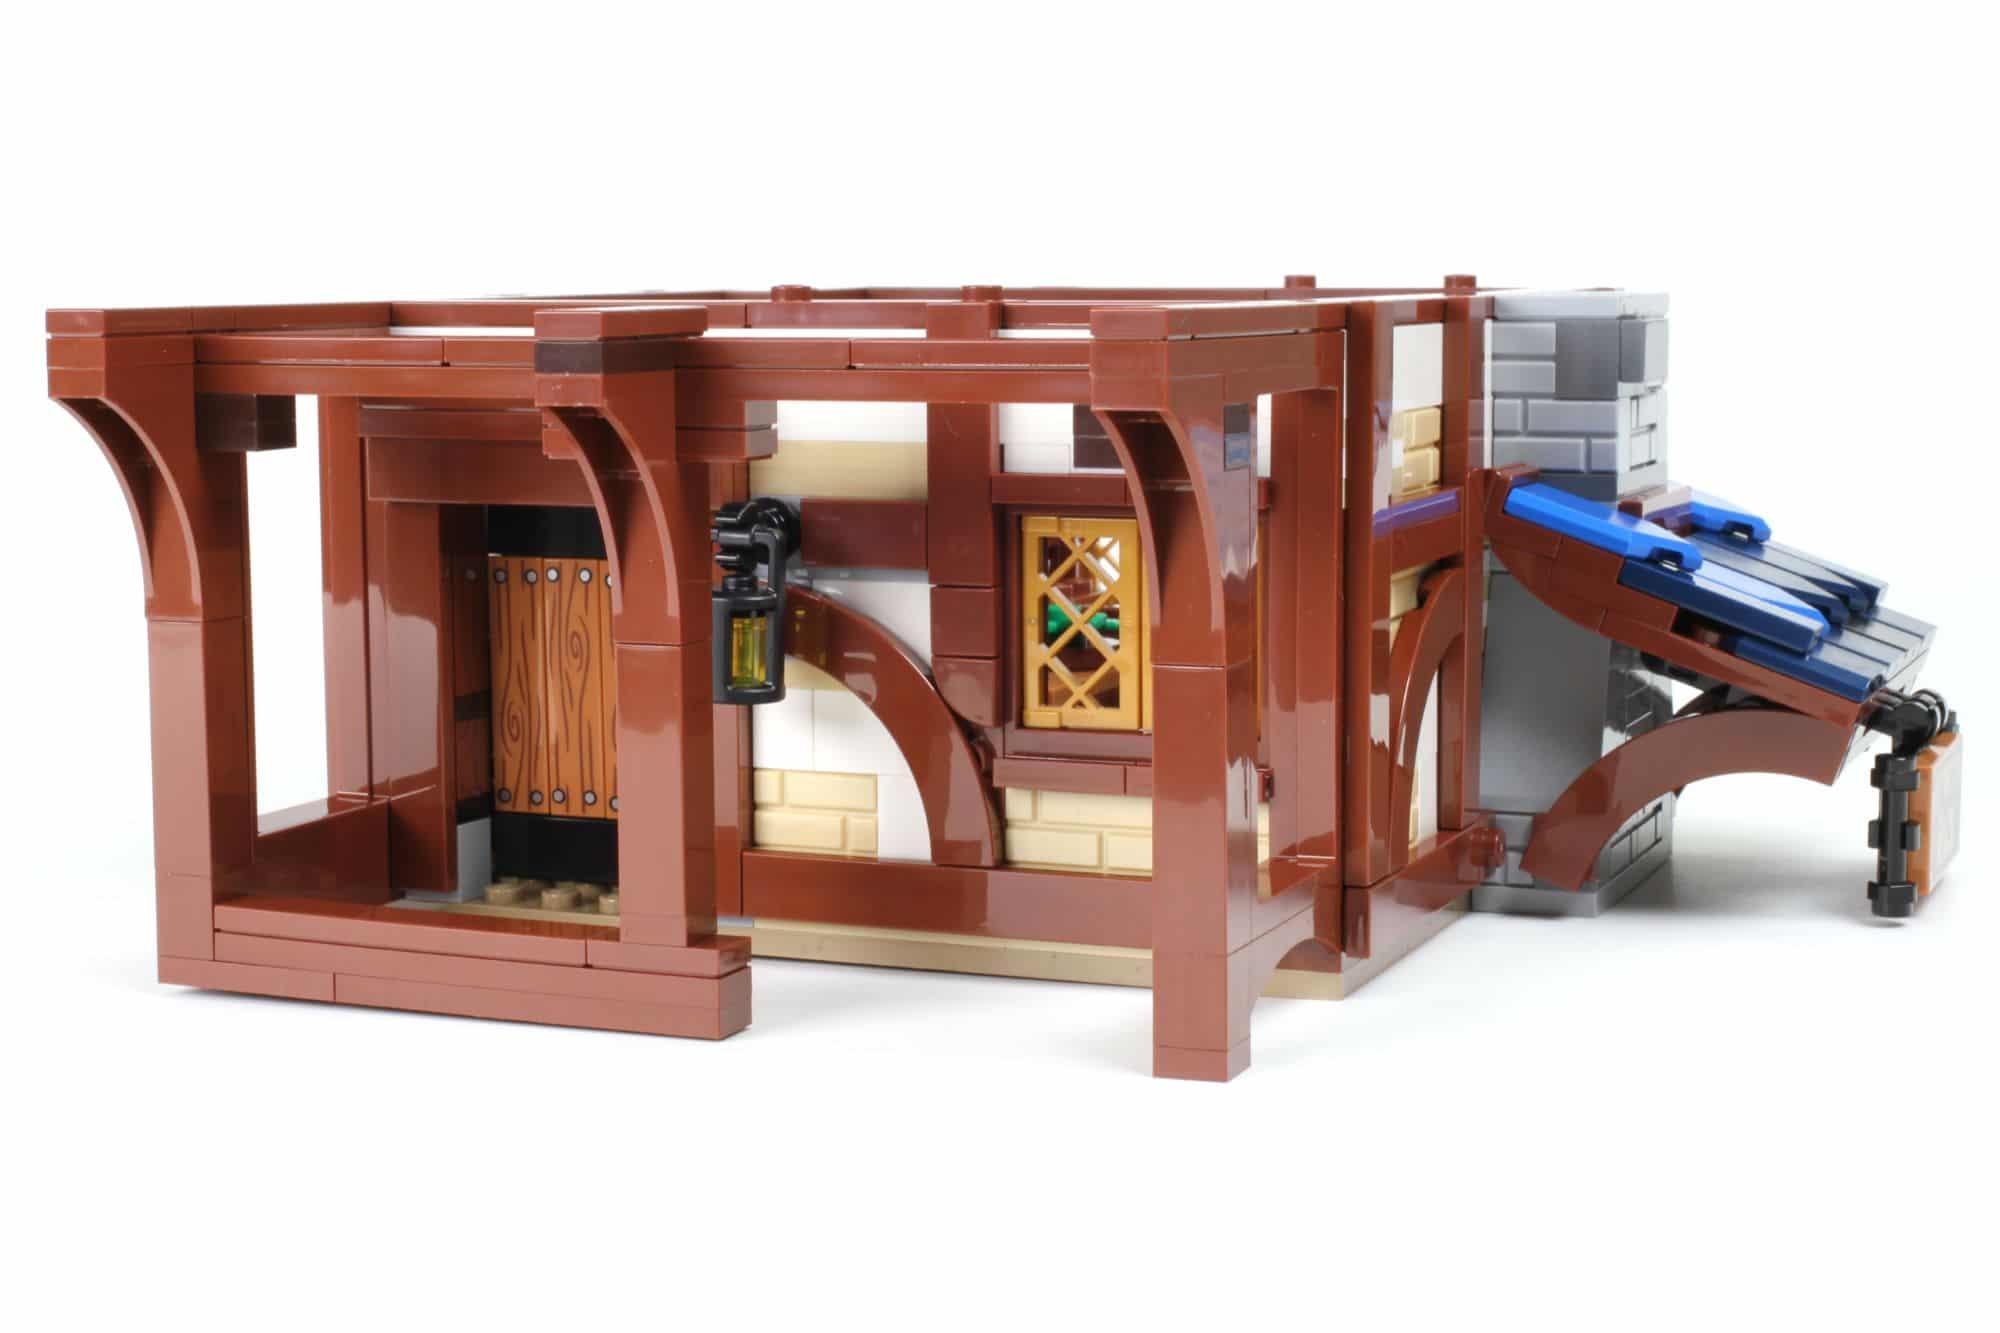 LEGO Ideas 21325 Mittelalterliche Schmiede Bauabschnitt 8 2